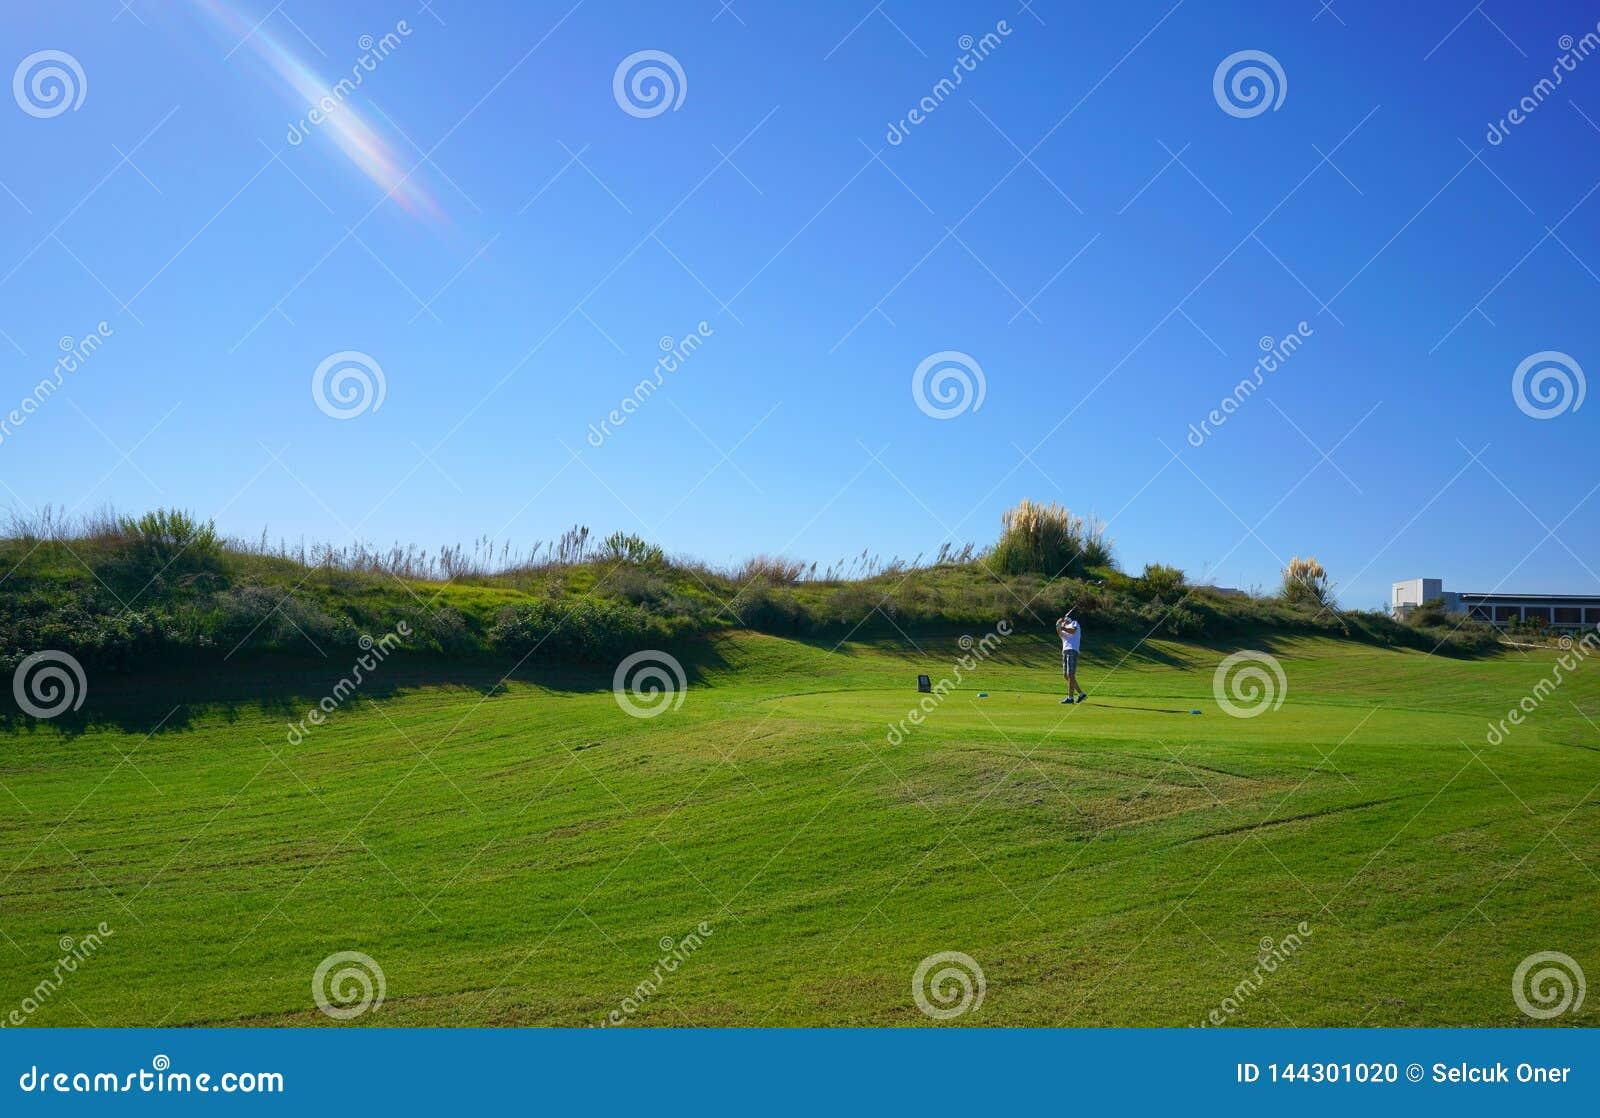 Les joueurs de golf apprécient le terrain de golf de liens de Likya au jour ensoleillé à Antalya